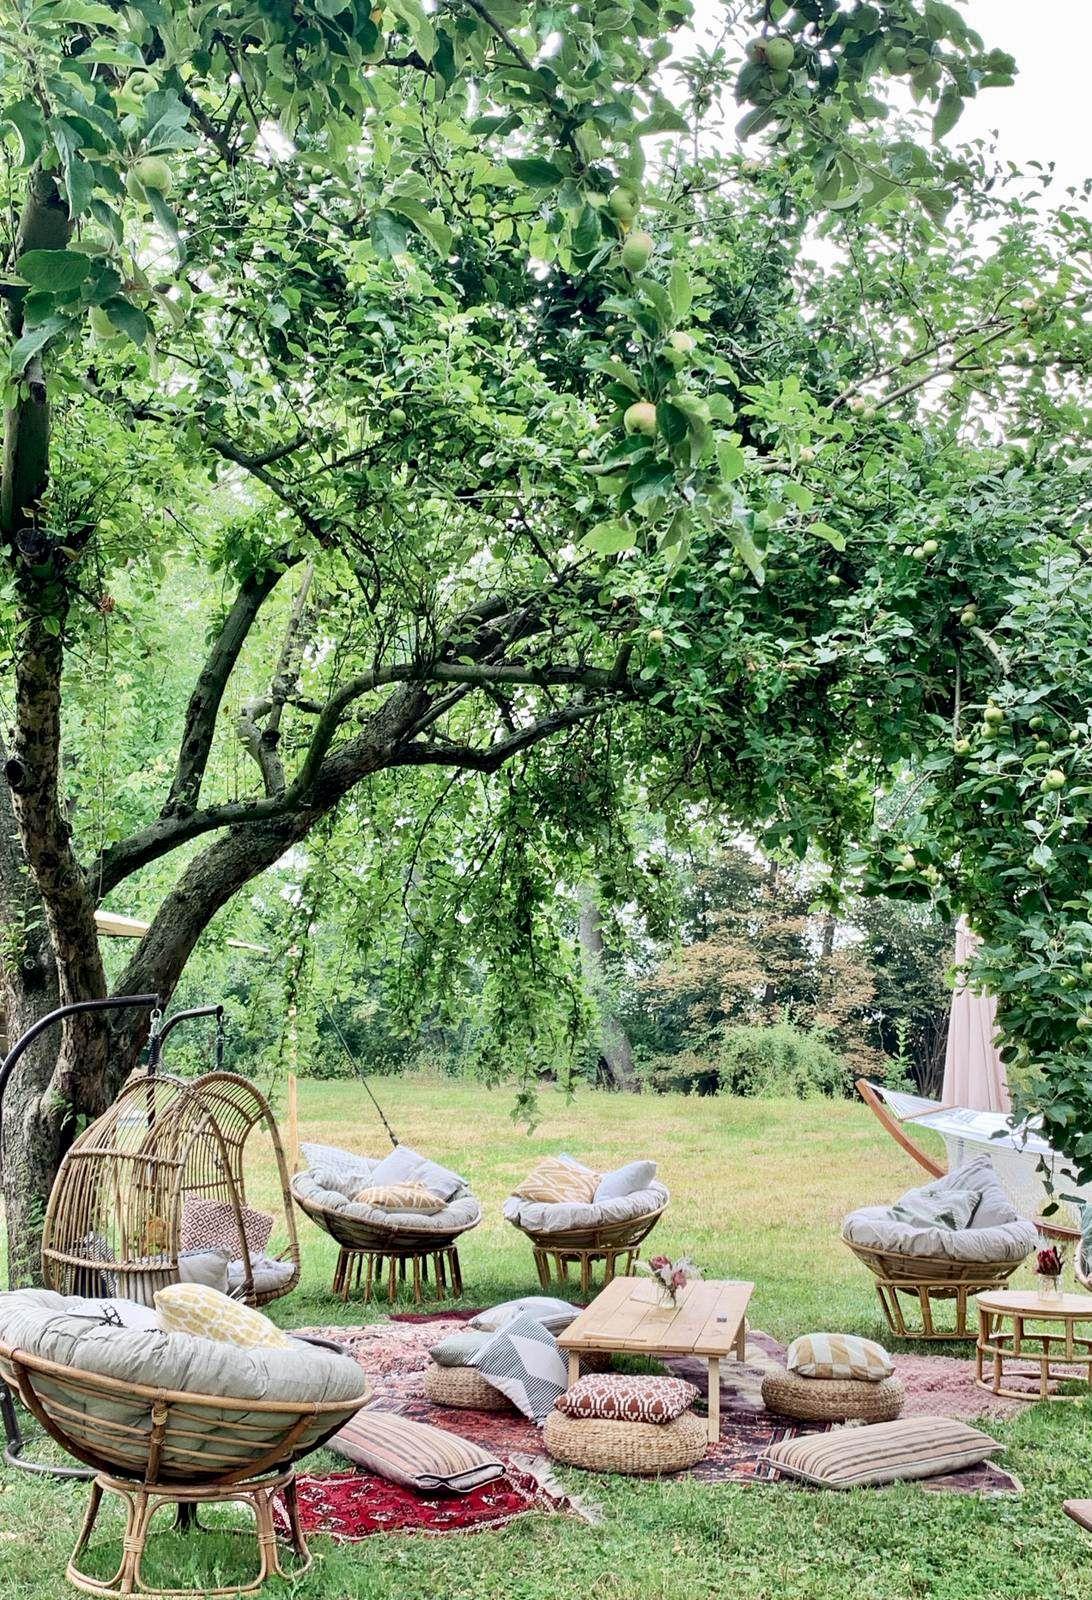 Hochzeit Outdoor Garten Mobel Zum Entspannen Und Relaxen In 2020 Hochzeit Draussen Hochzeit Garten Hochzeitsfeier Garten